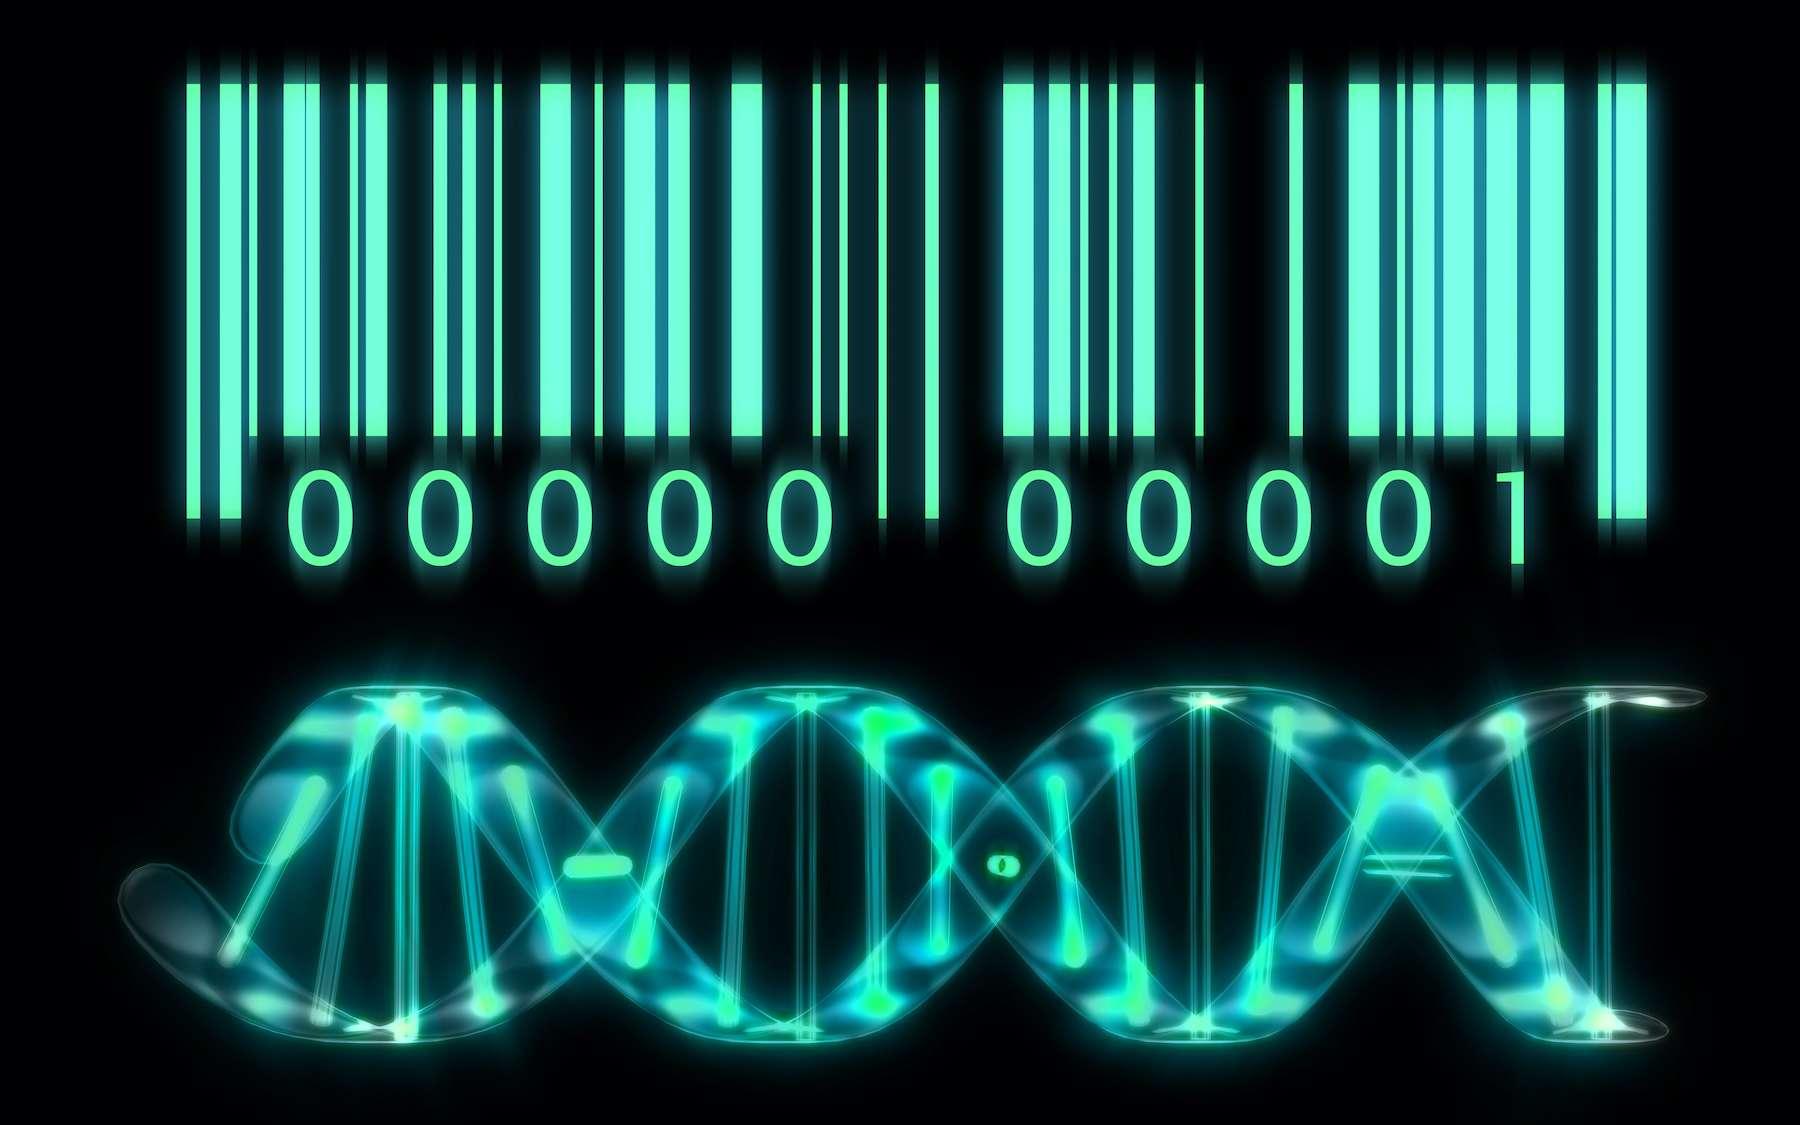 Le marquage moléculaire, avenir de l'étiquette ? © X n'Y hate Z, Adobe Stock